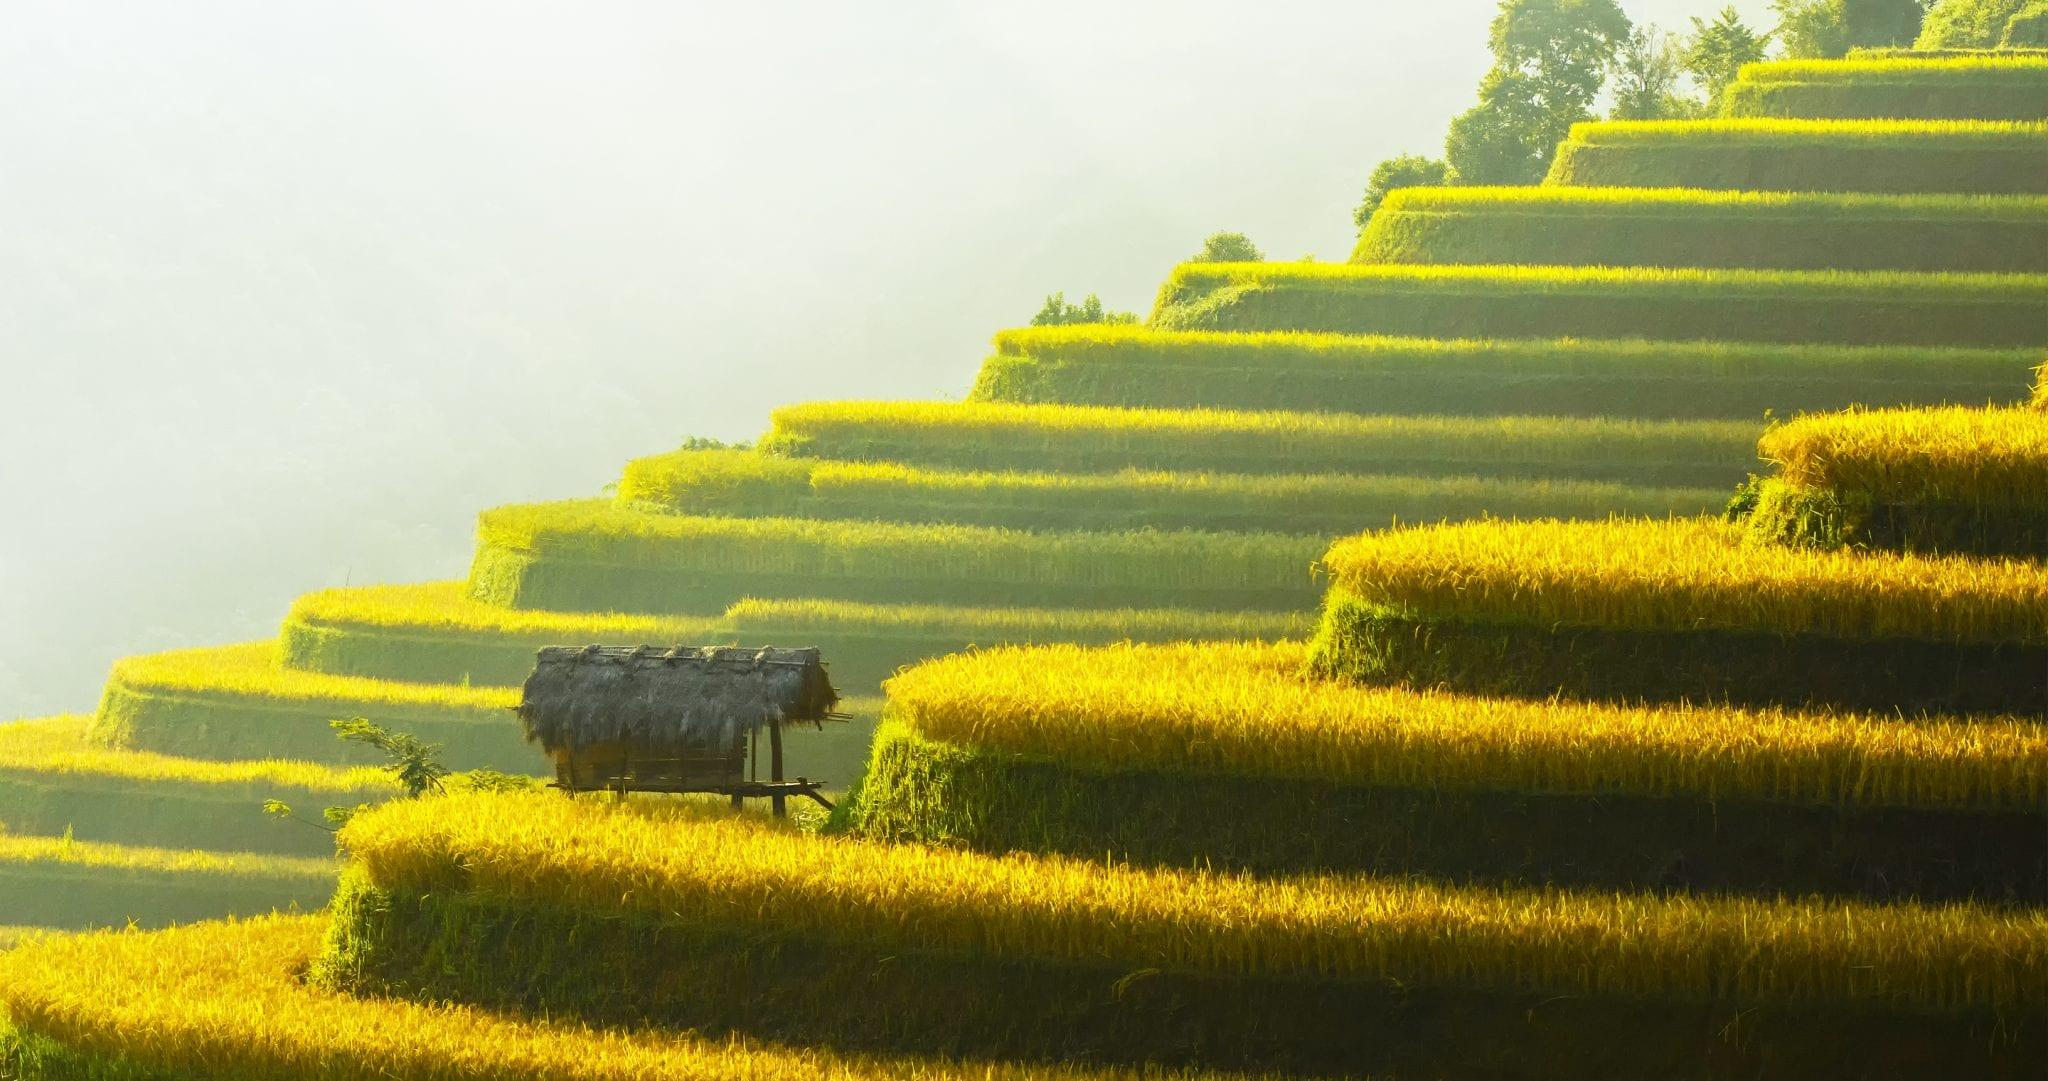 Indochina - Am Ufer des Mekong